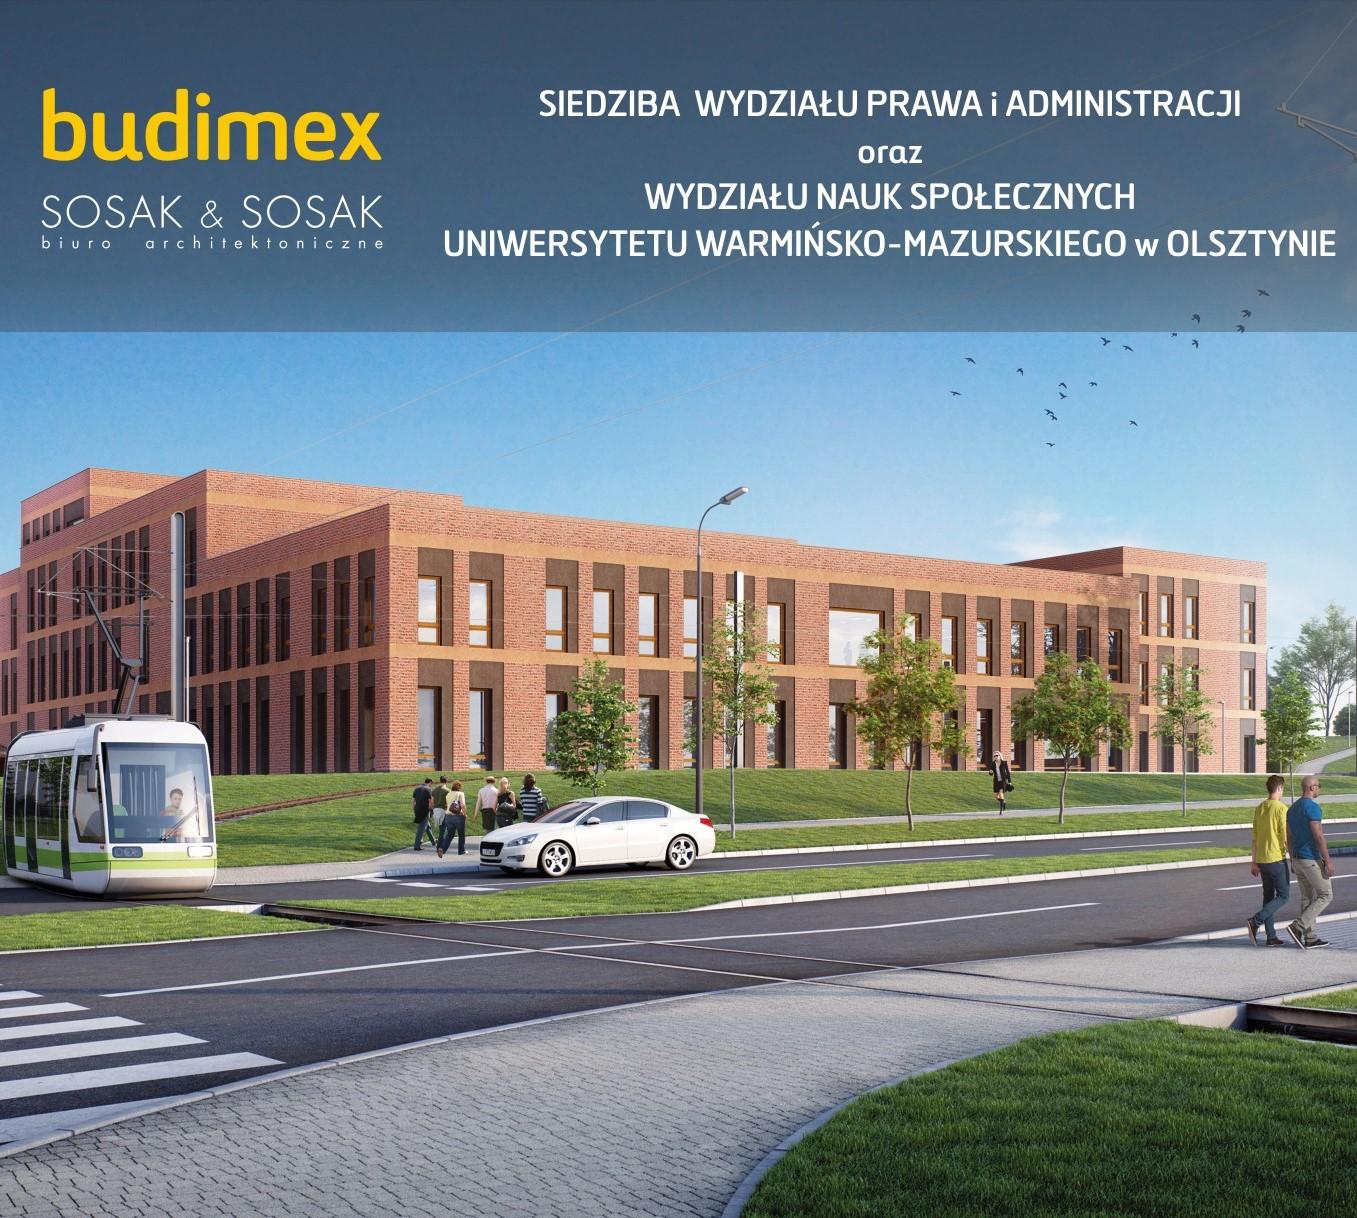 Powstają nowoczesne wydziały UWM w Olsztynie z naszymi trasami kablowymi